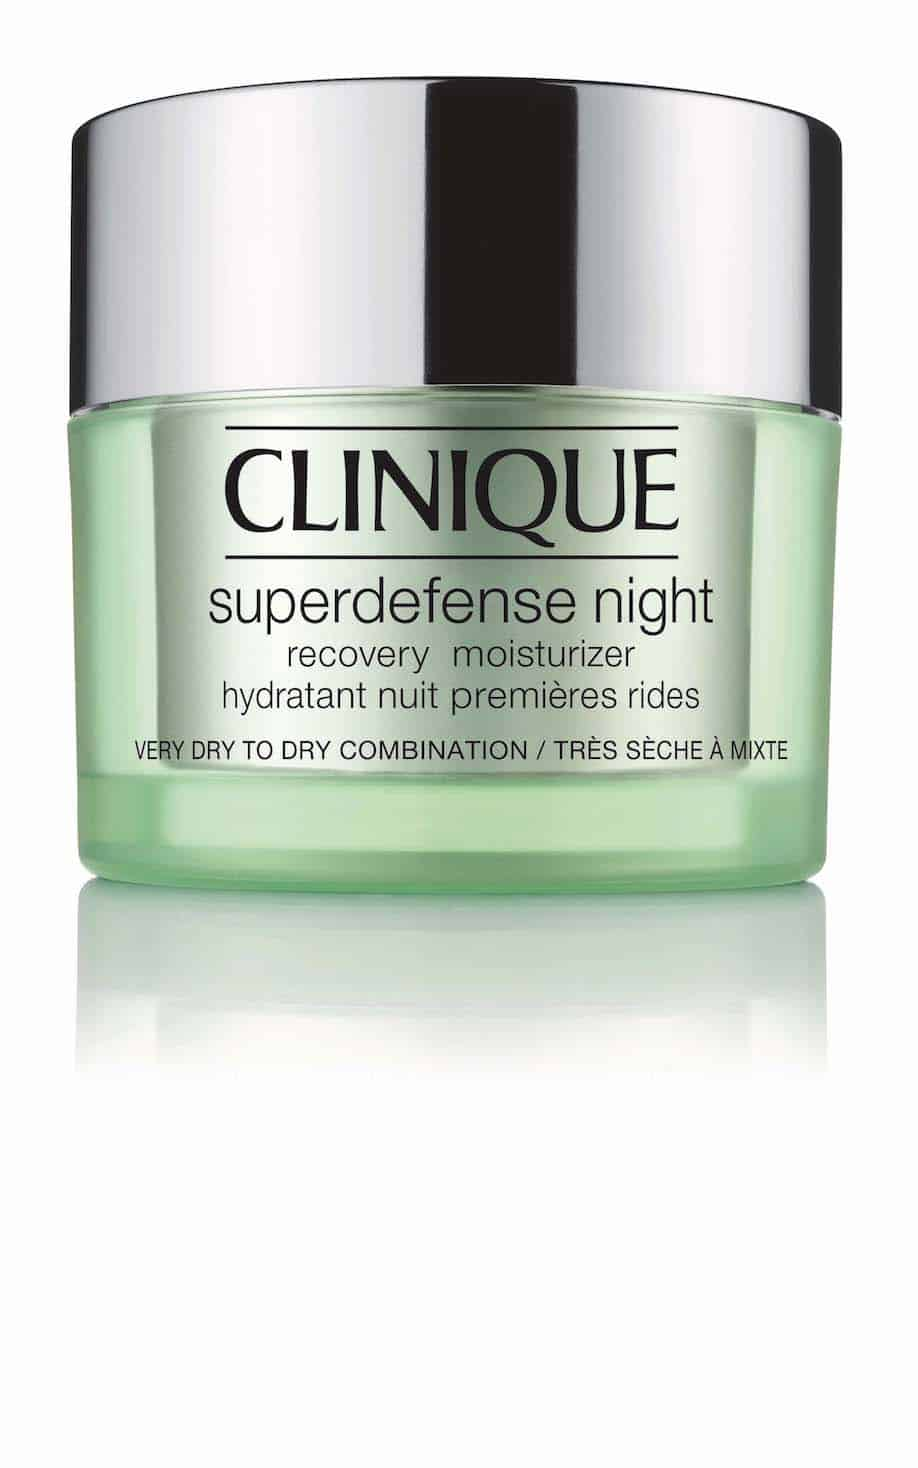 Superdefense Night Recovery Moisturizer by Clinique è la formula vincente per una pelle idratata e sempre giovane